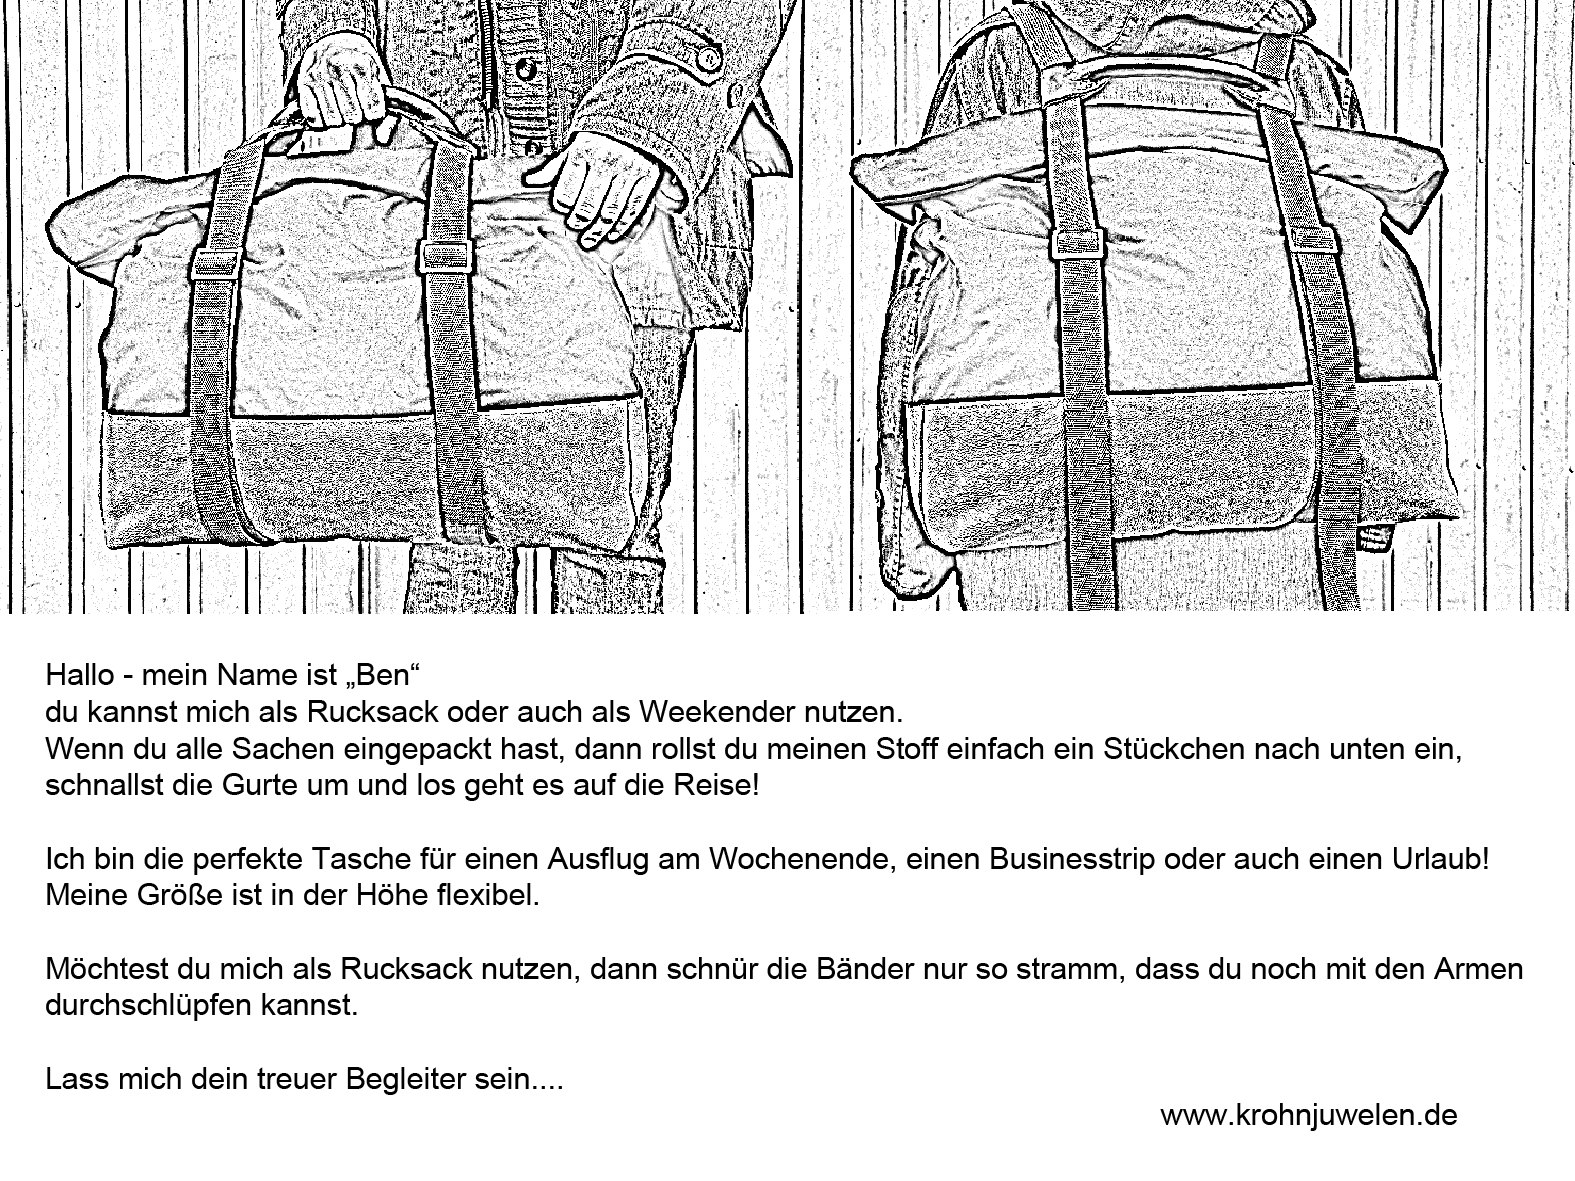 Packsack_schwarzweiss_vorn_hinten